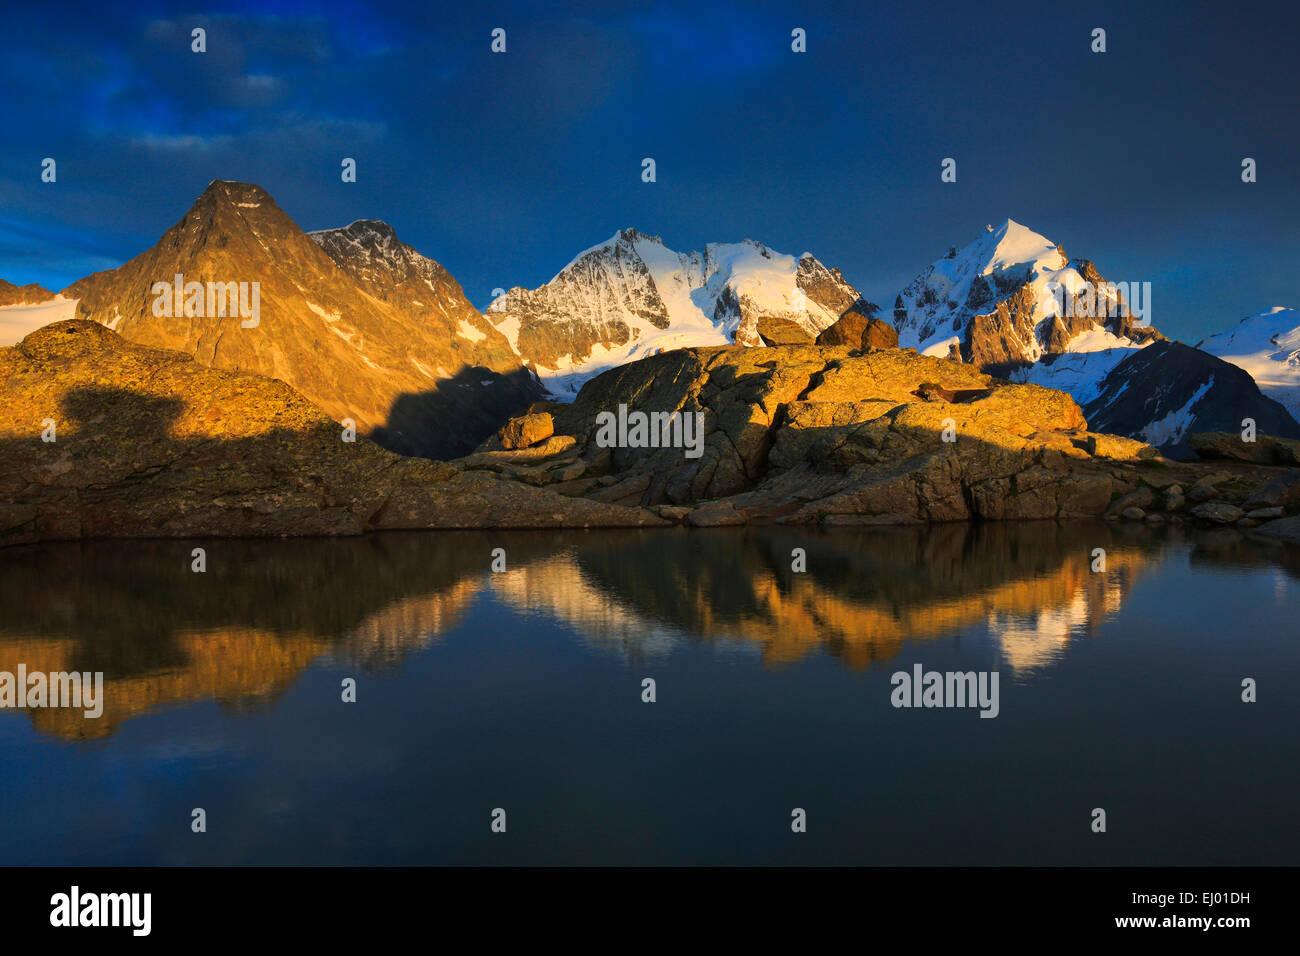 Abendlicht, Alpen, glühend, Alpenglühen, Abendröte, Abendrot, anzeigen, Fuorcla Surlej, Berg, Bergsee, Stockbild